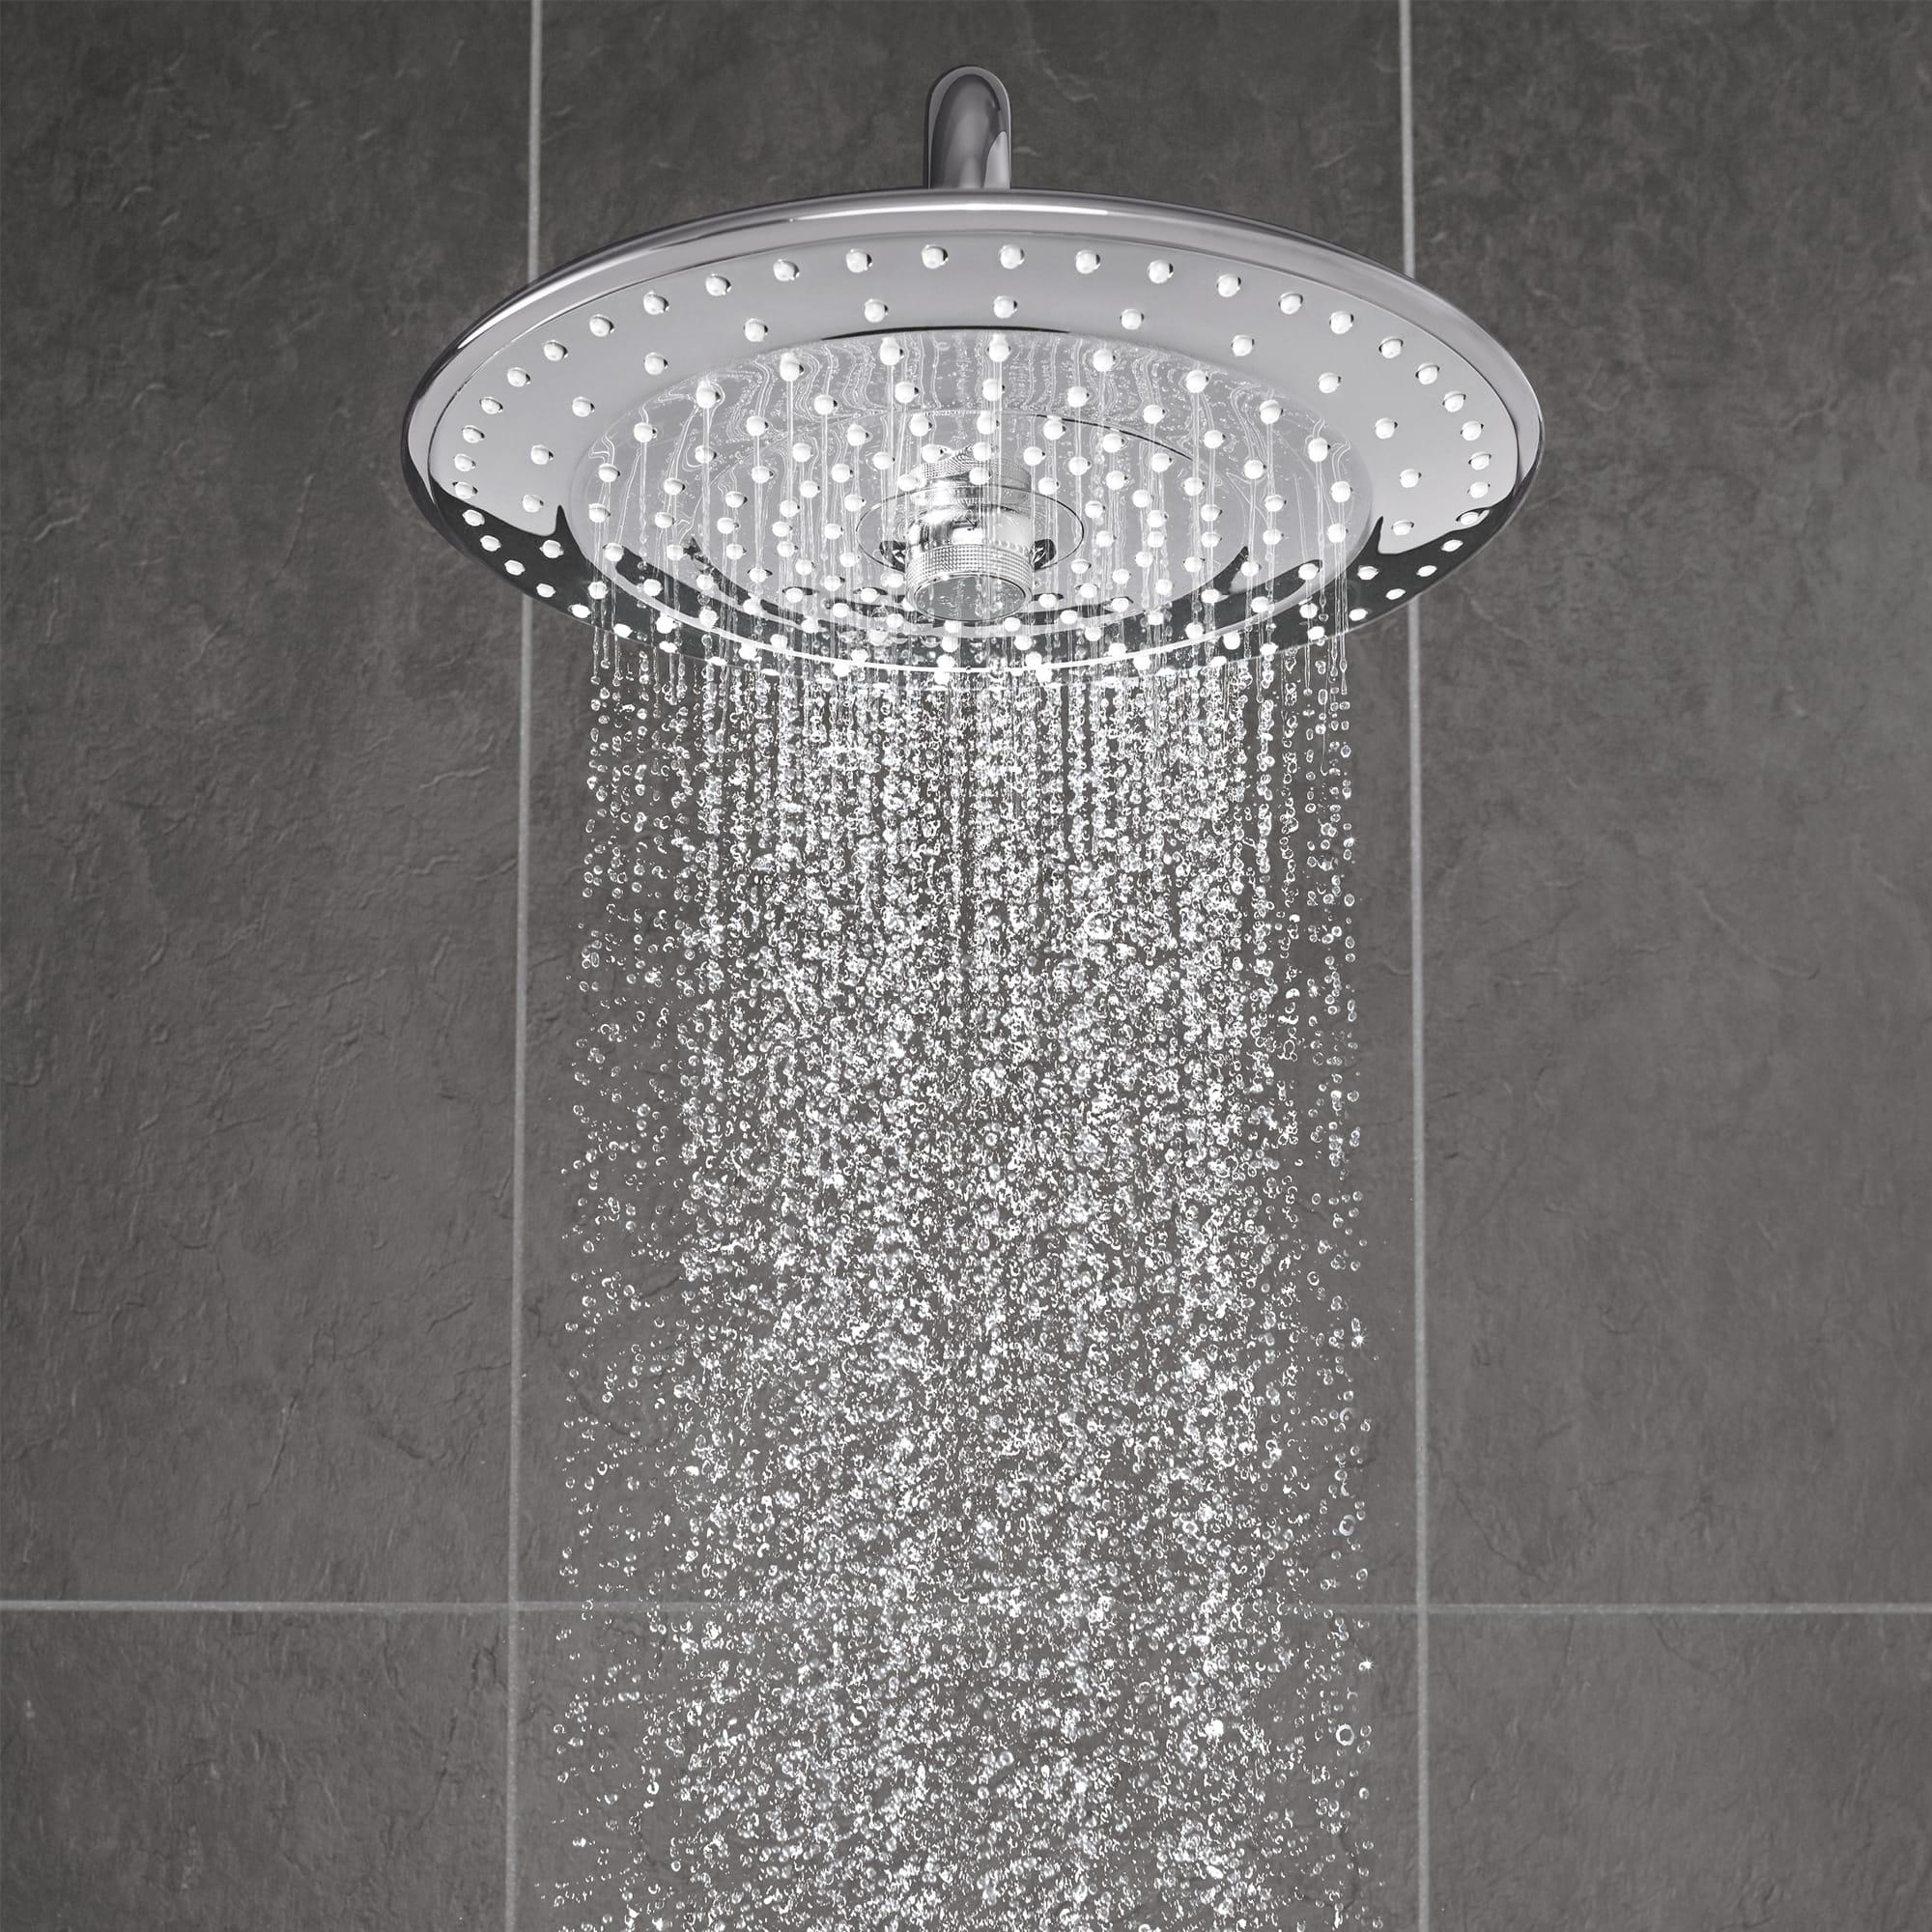 Tête de douche affichant le jet de pluie plein visage.